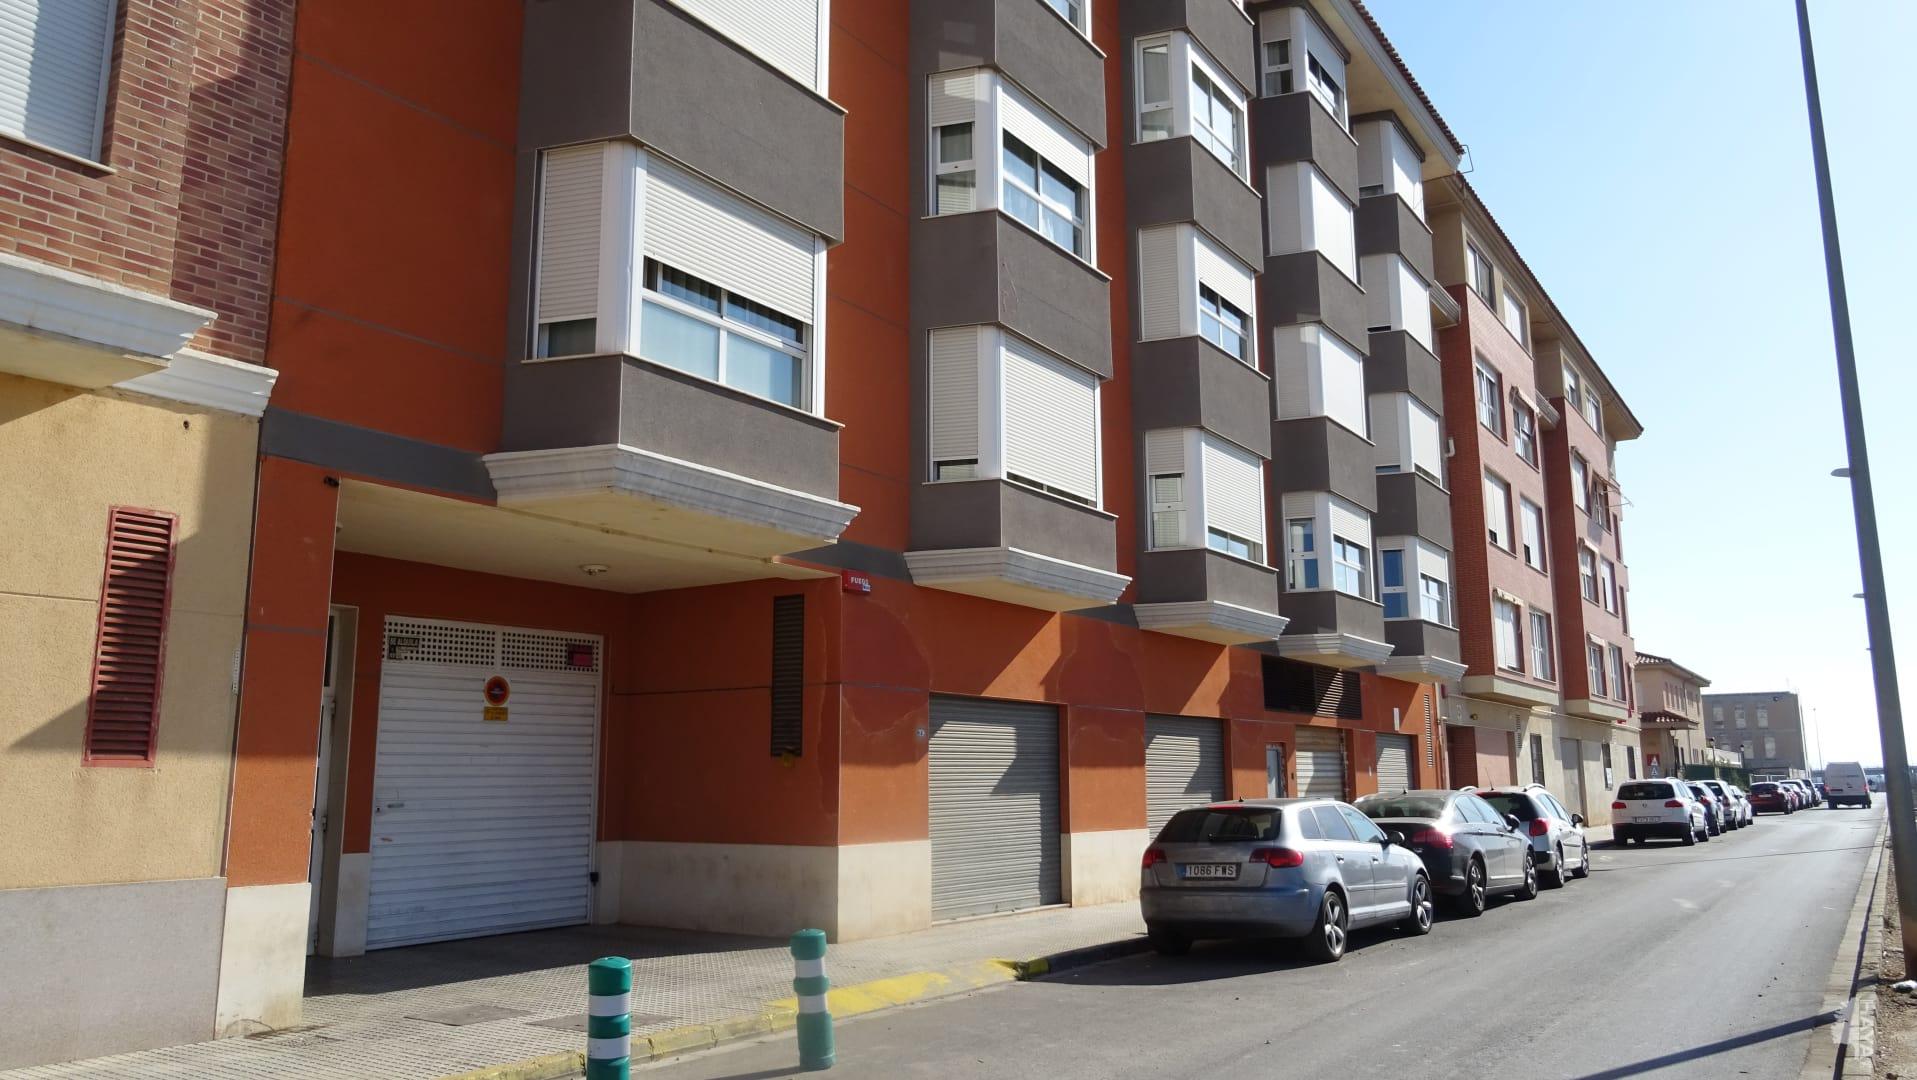 Piso en venta en Carlet, Valencia, Avenida Llaurador, 120.000 €, 3 habitaciones, 2 baños, 121 m2